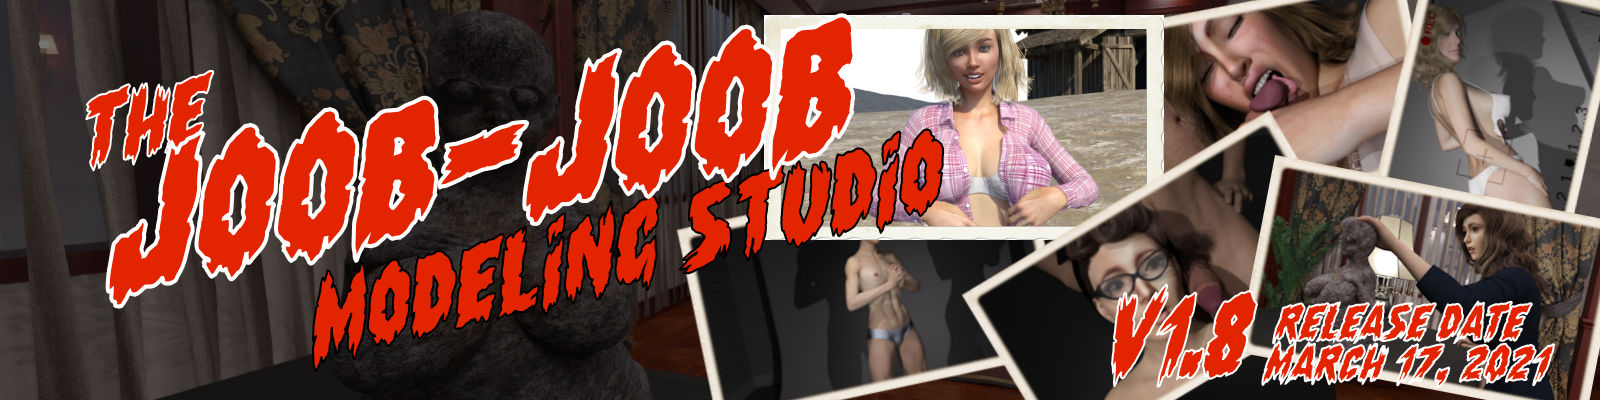 1114491 The Joob Joob v 1 8 000